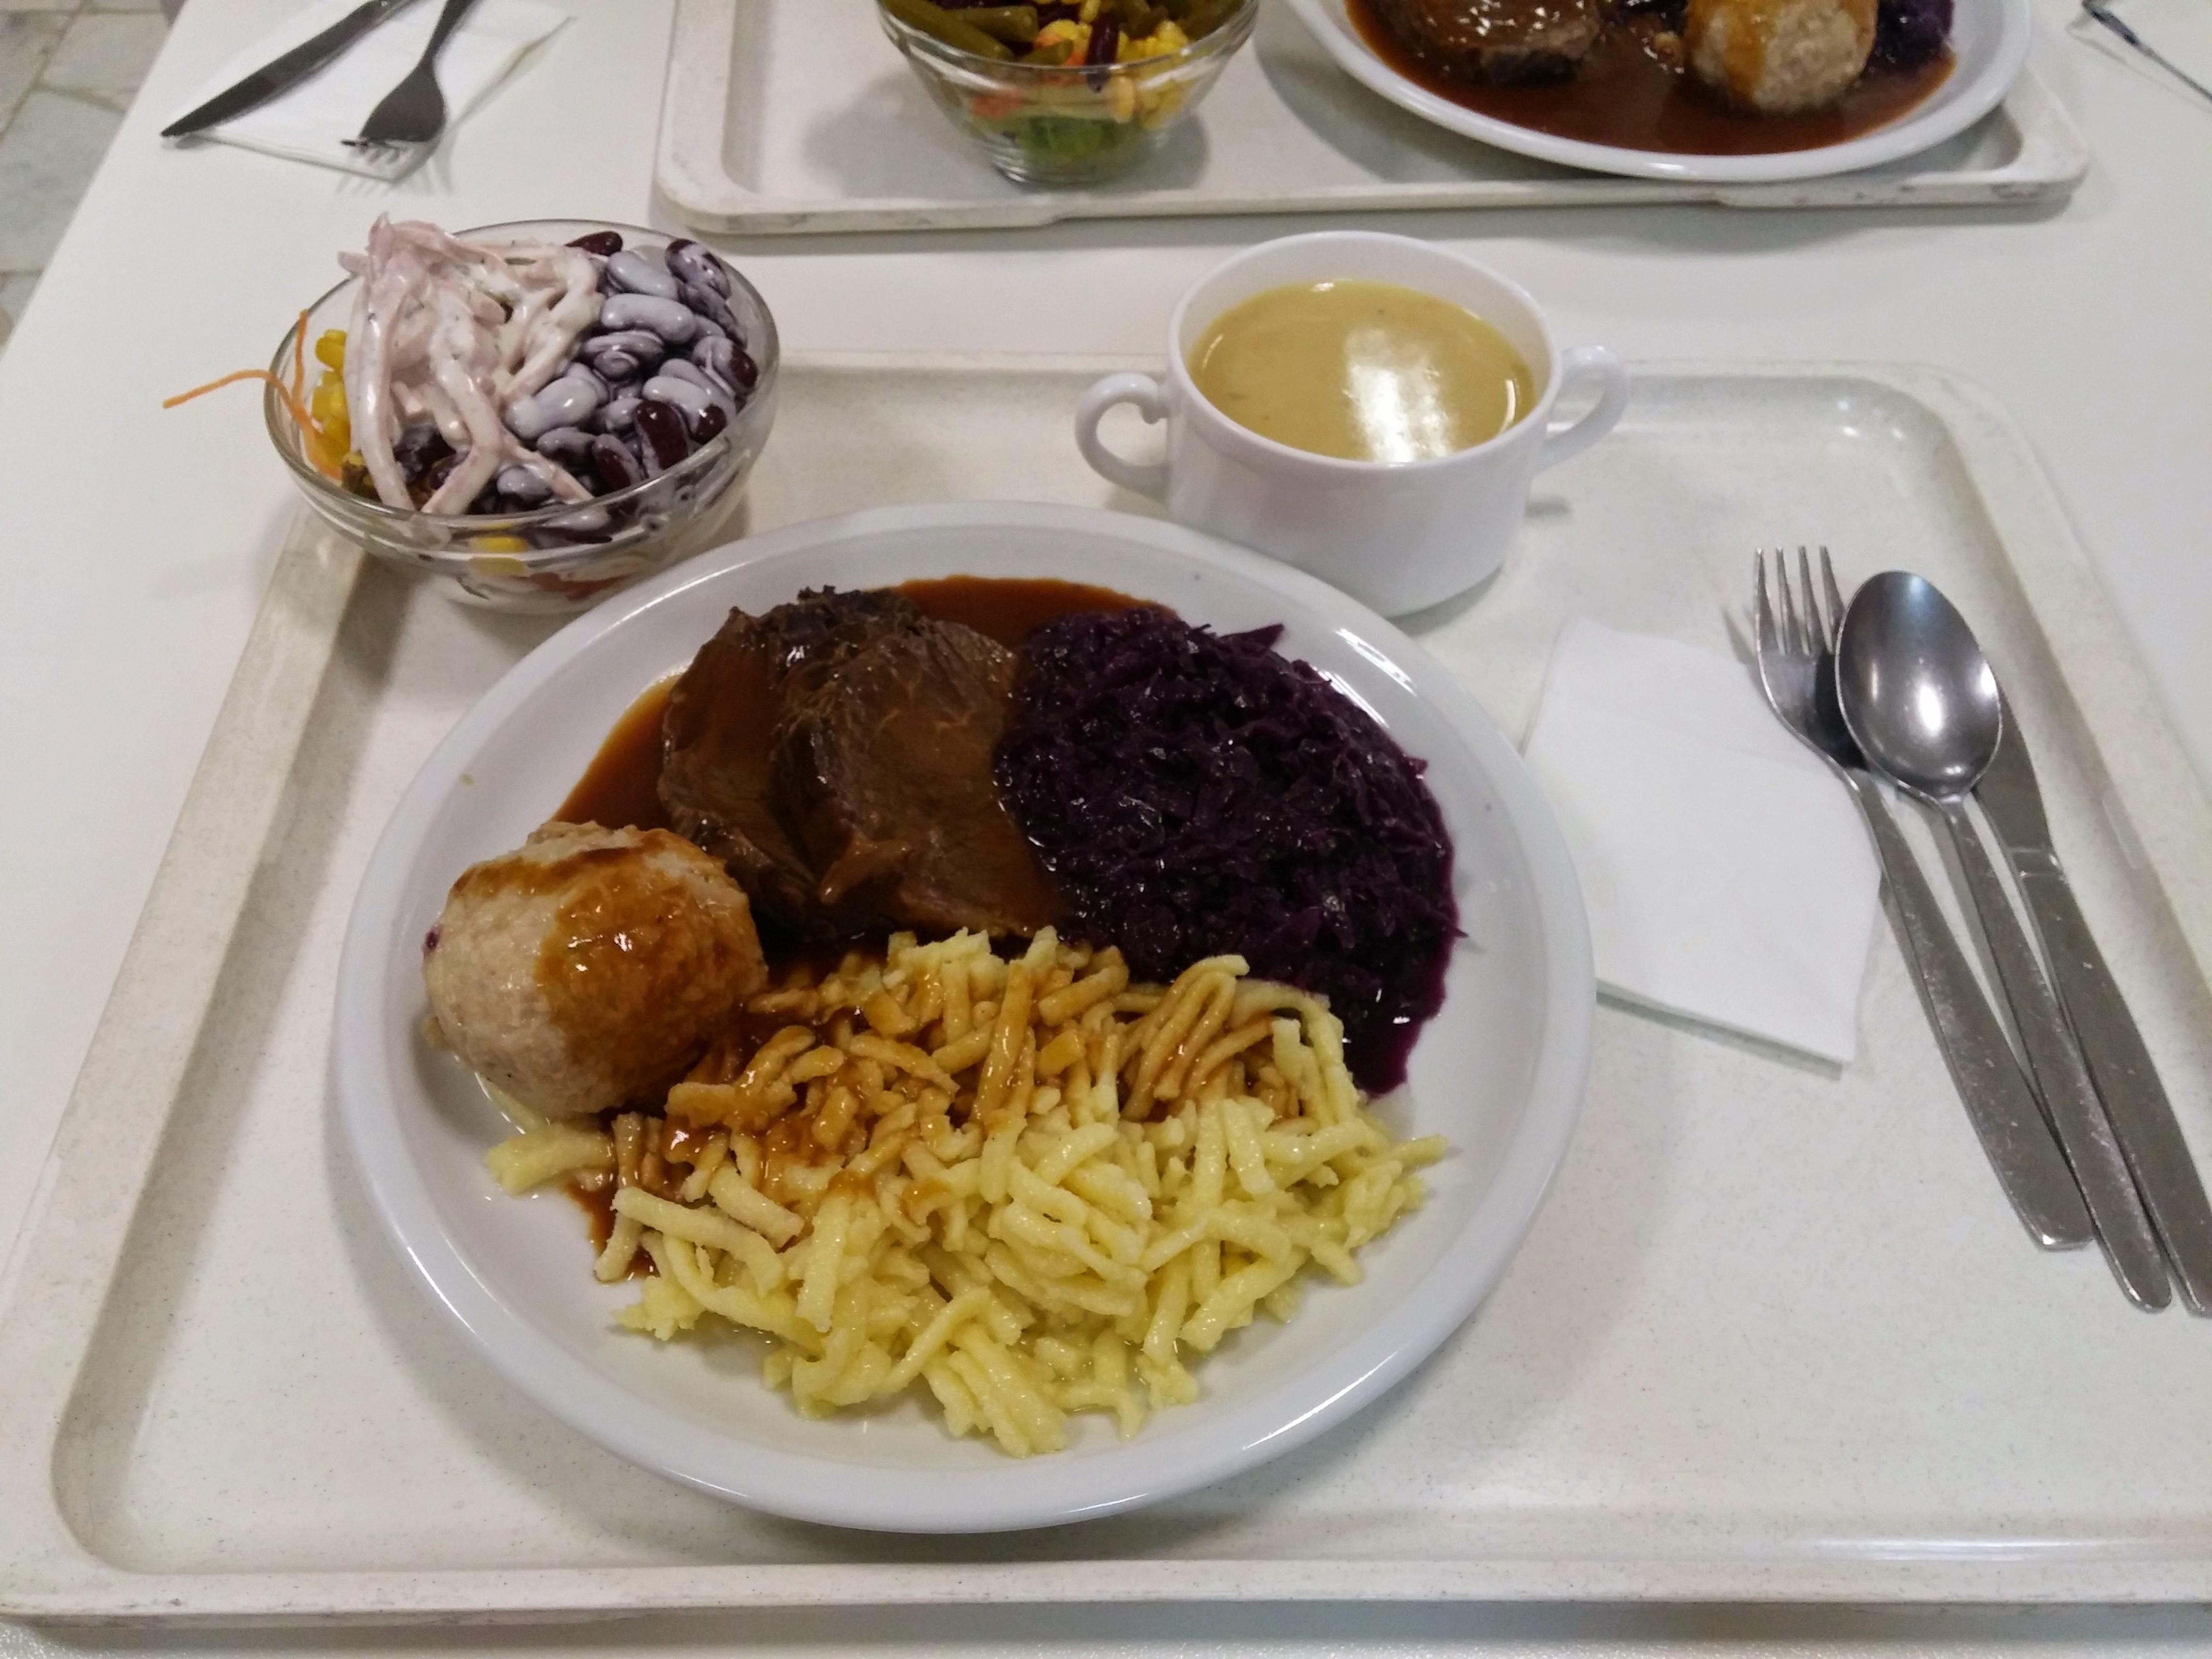 https://foodloader.net/nico_2015-05-13_sauerbraten-mit-knoedel-spaetzle-rotkraut-suppe-und-salat.jpg